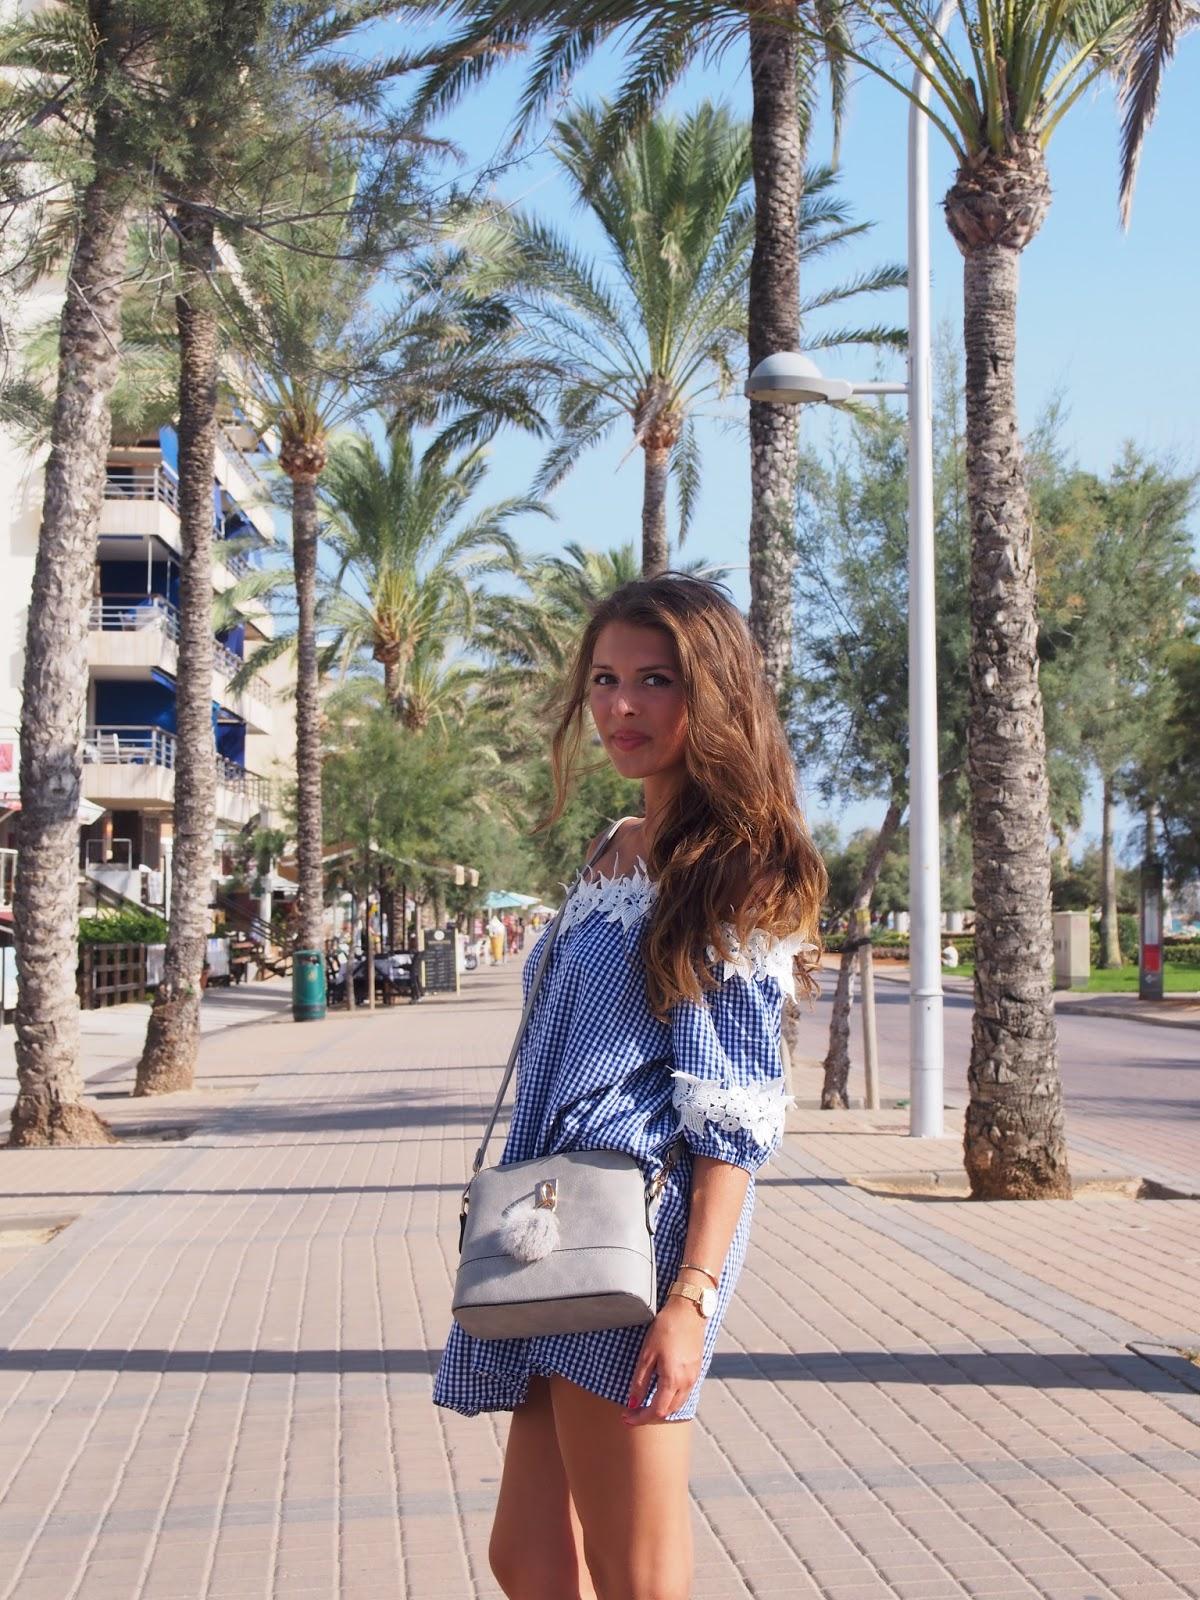 Hiszpania - Playa de Mallorca